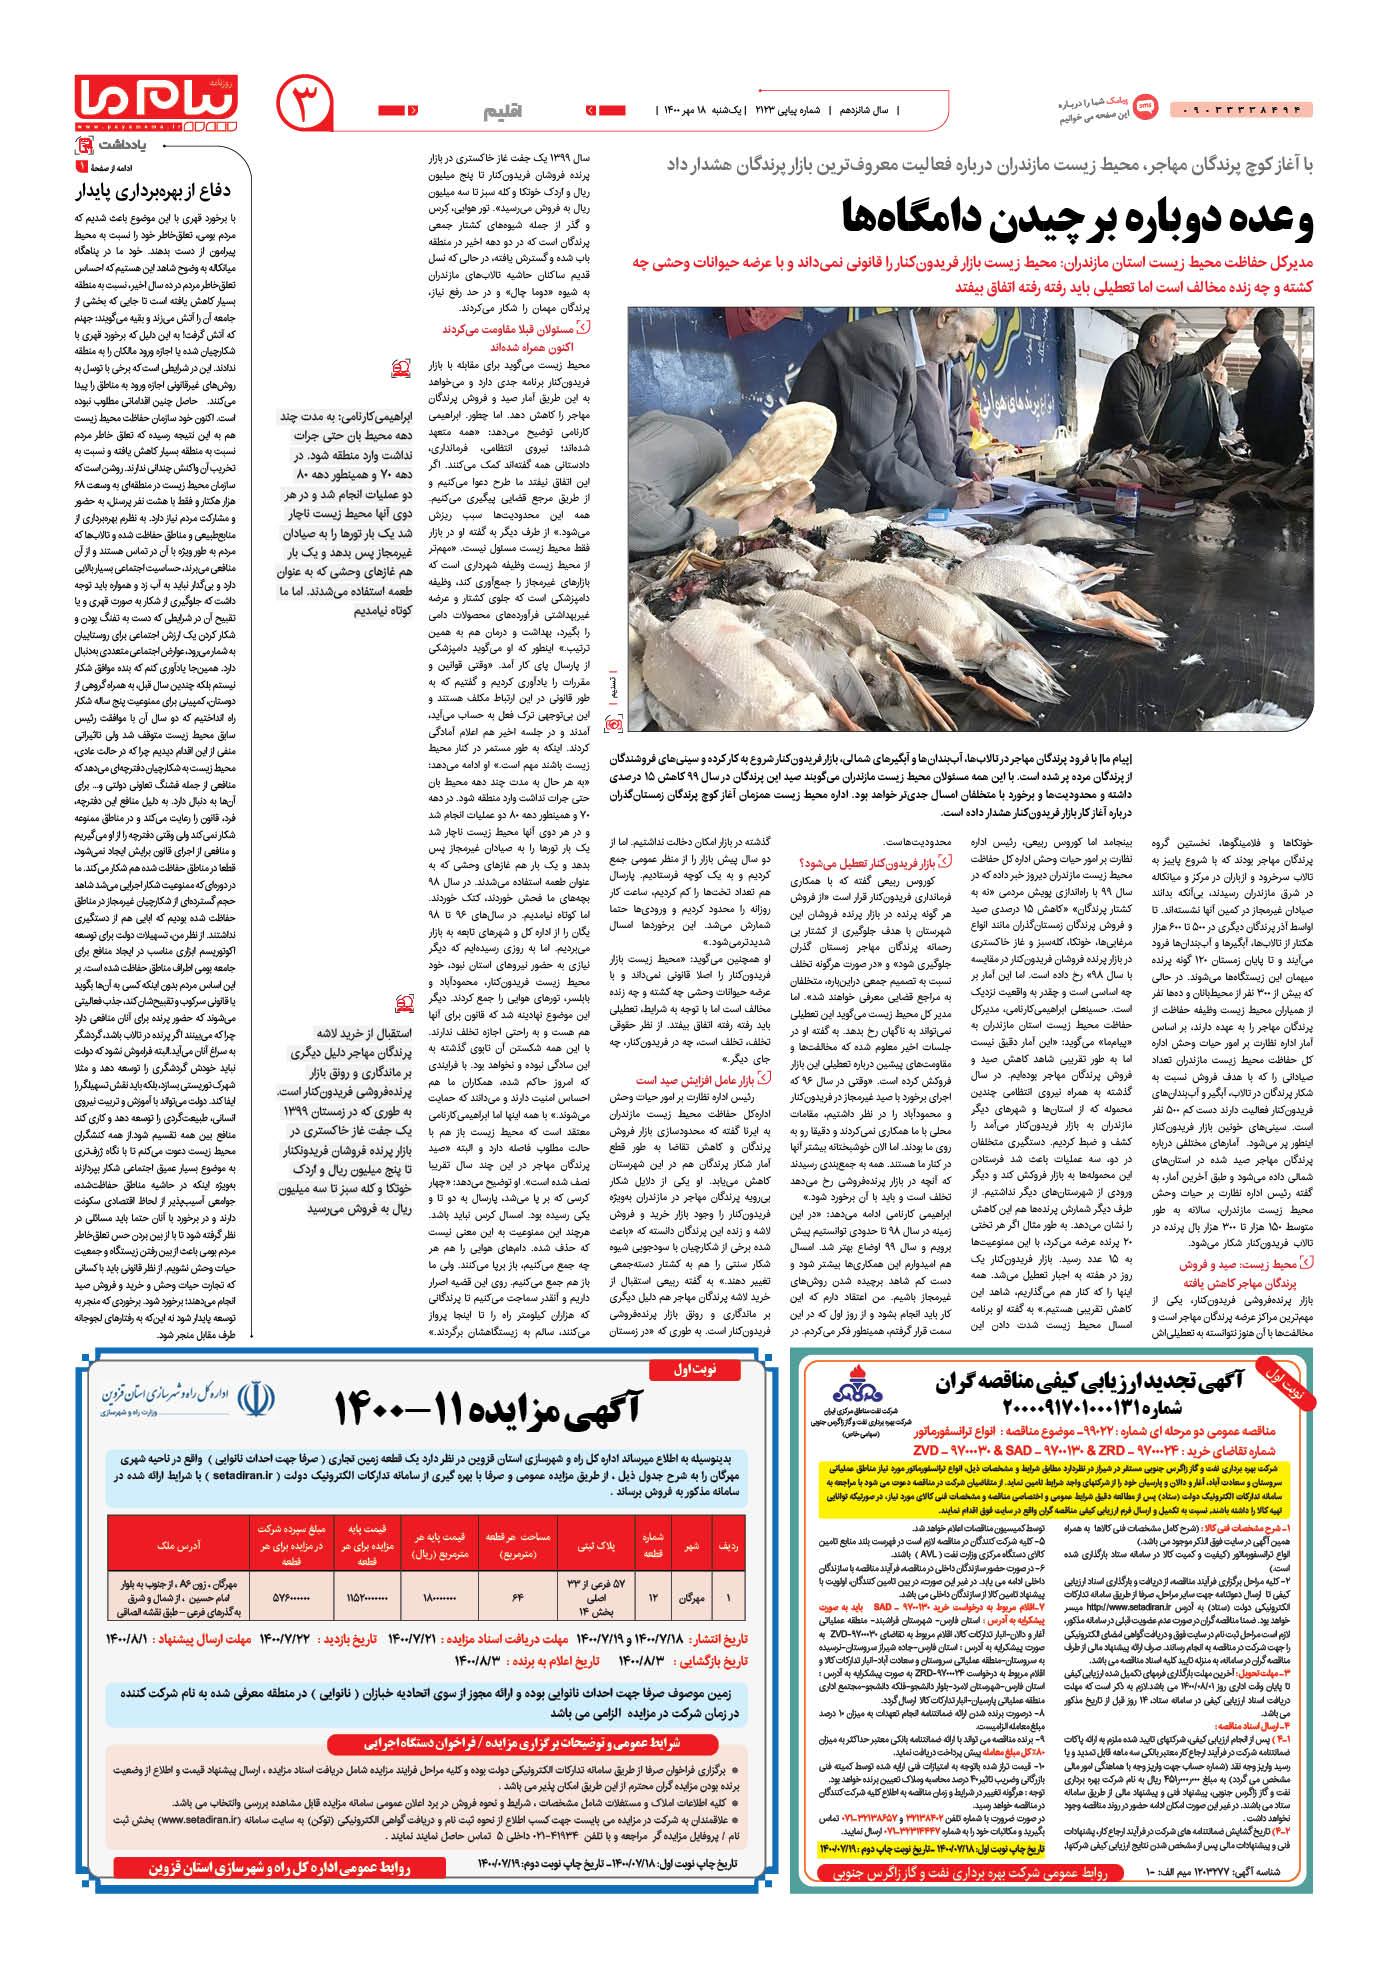 صفحه اقلیم شماره 2123 روزنامه پیام ما